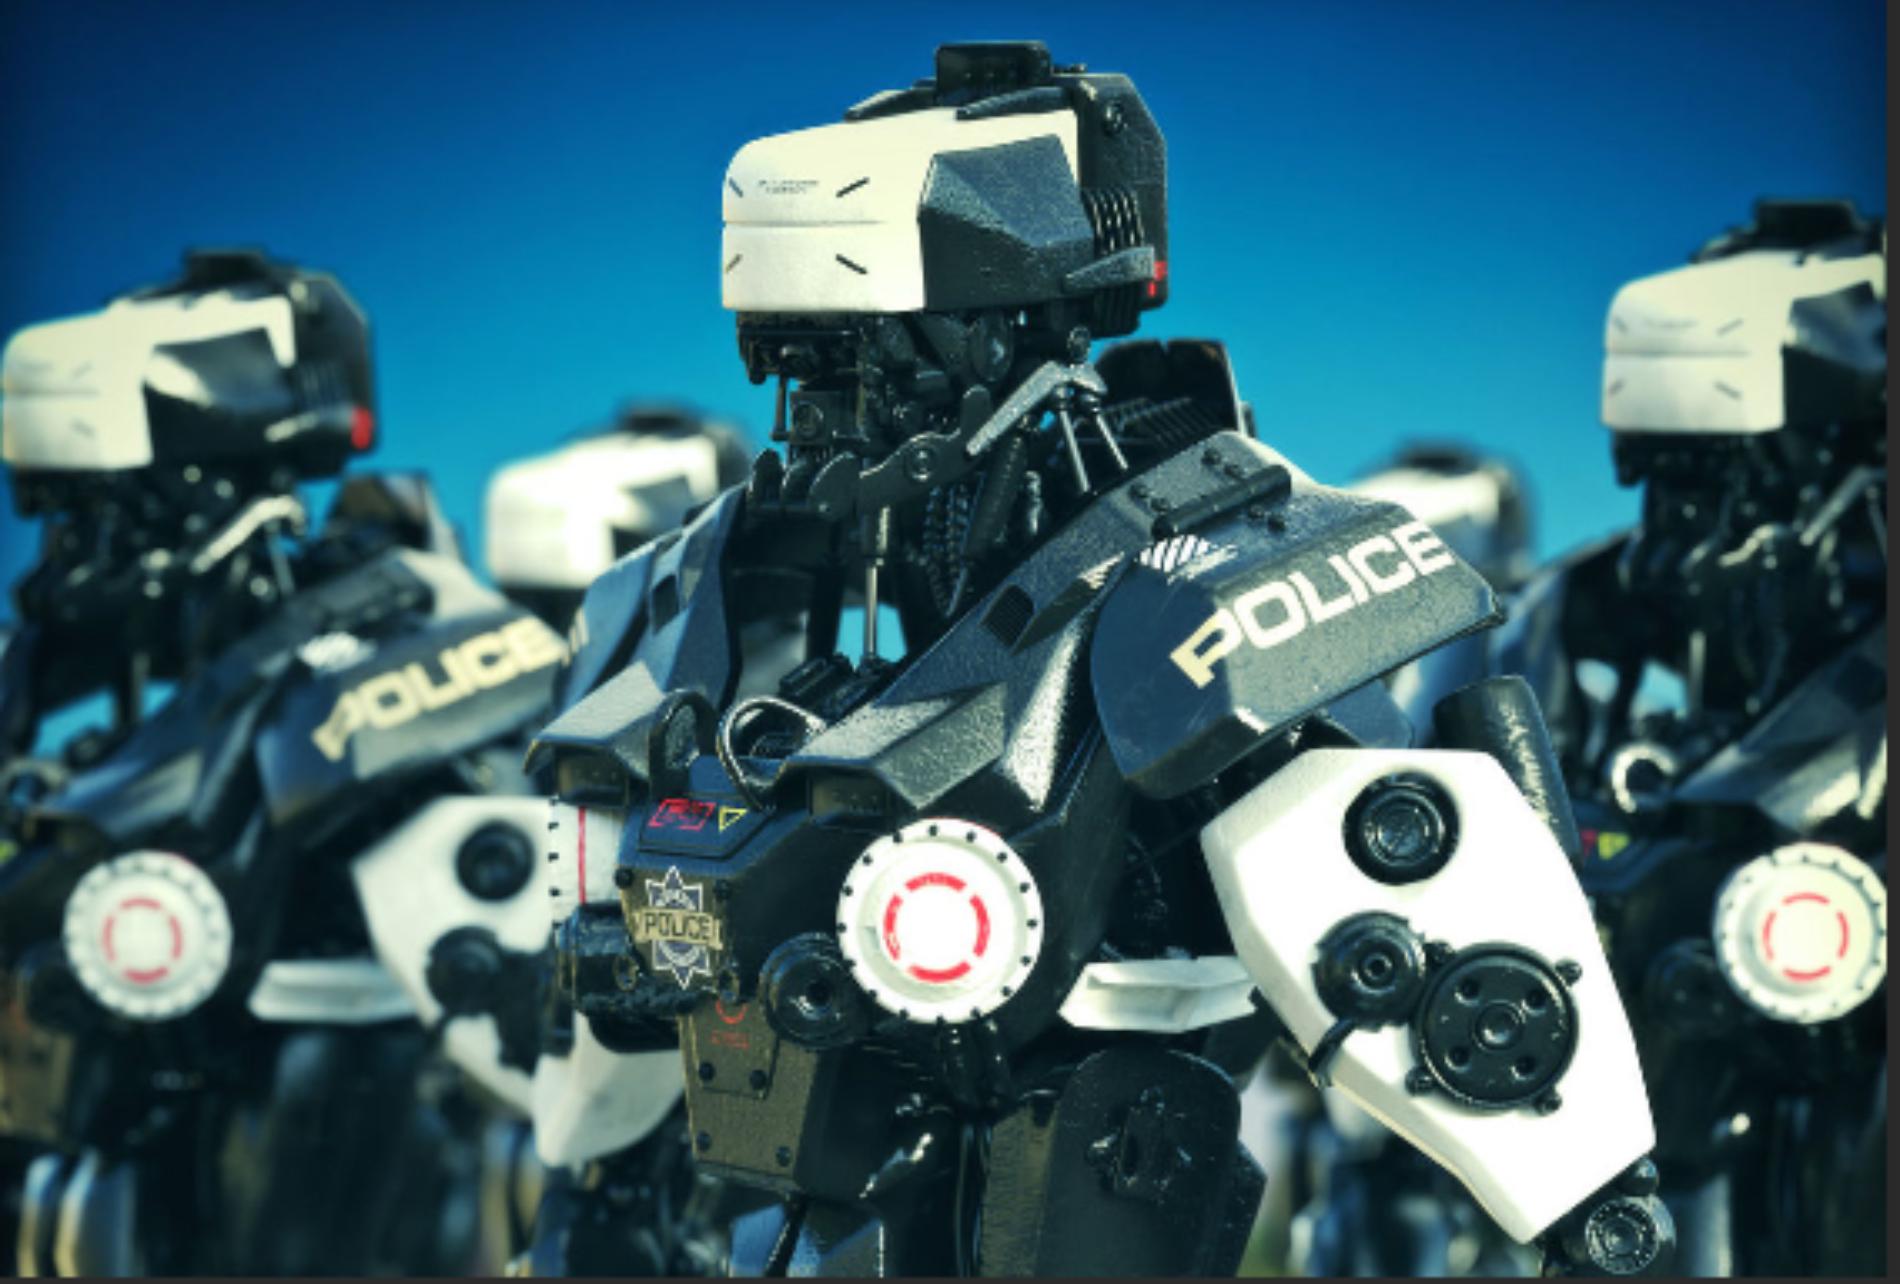 Can We Control Killer Robots?